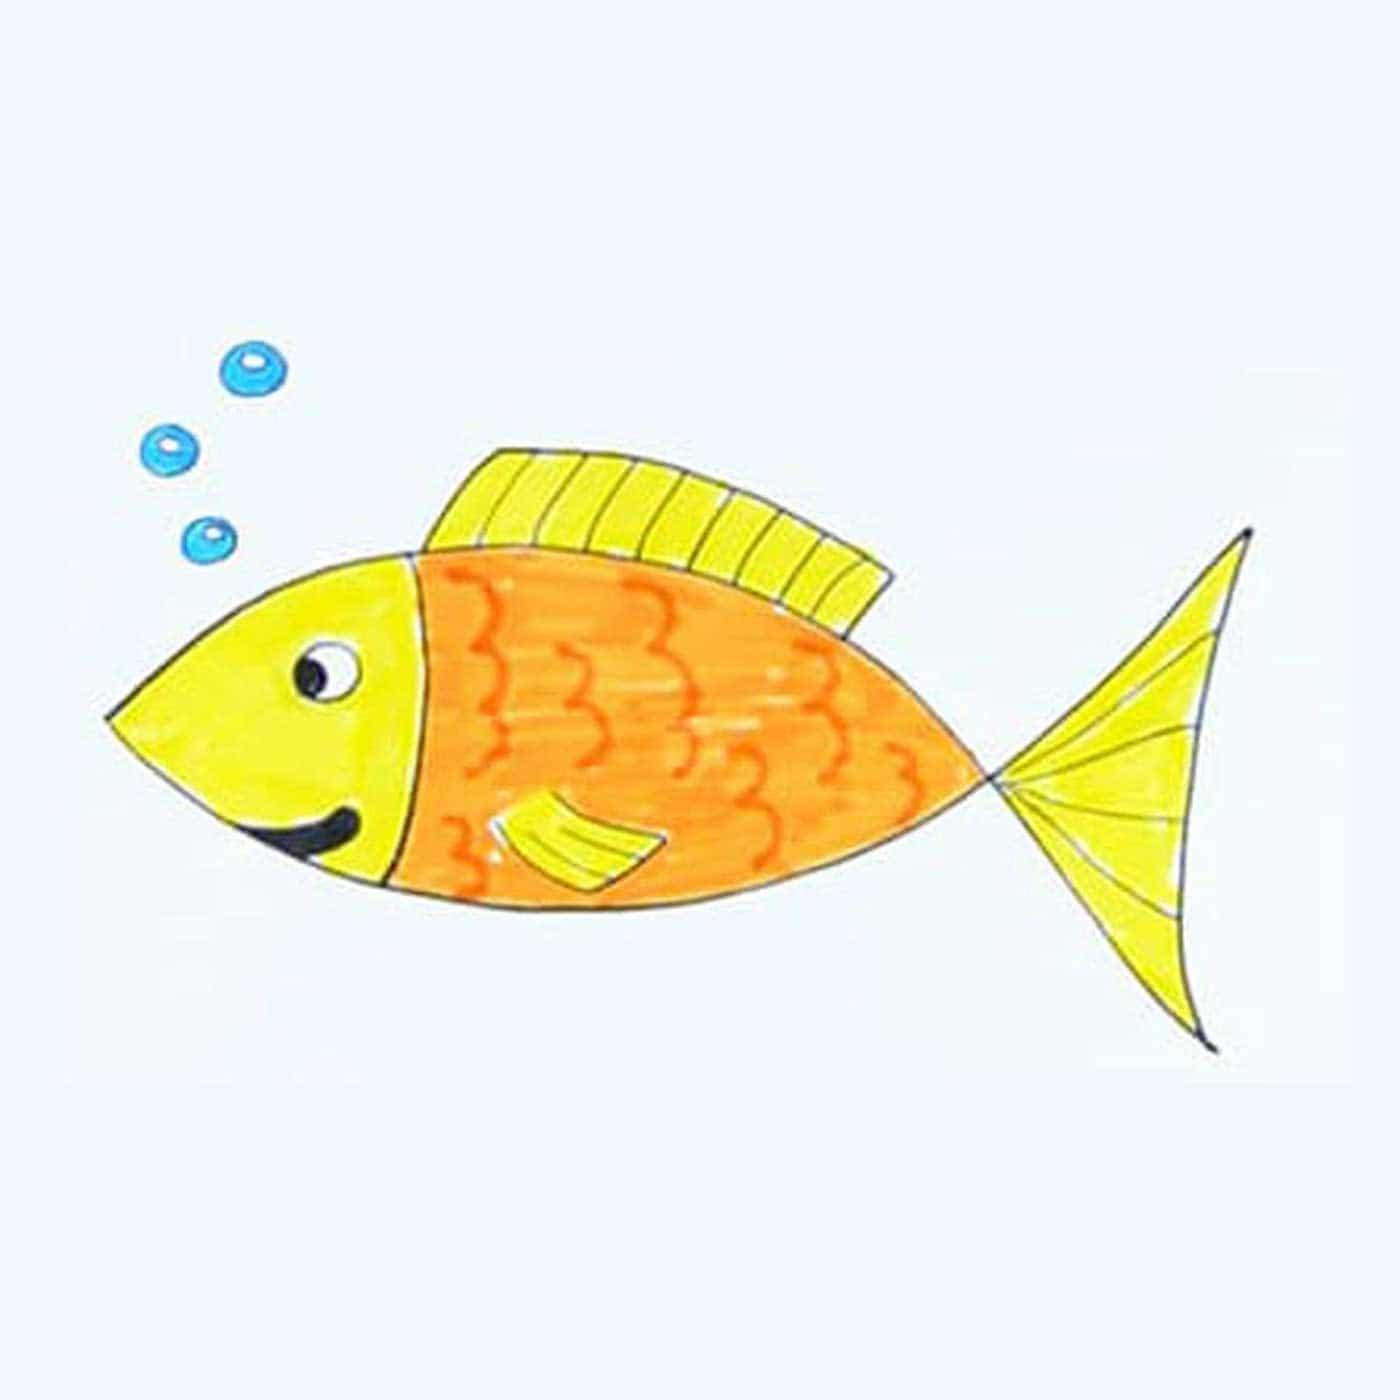 آموزش نقاشی ماهی کودکانه